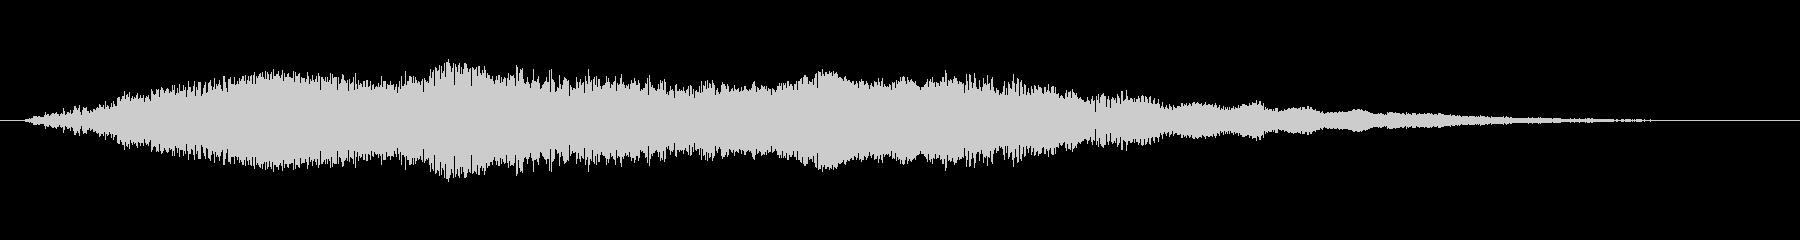 工業 ソフトメタルきしみシンセ01の未再生の波形